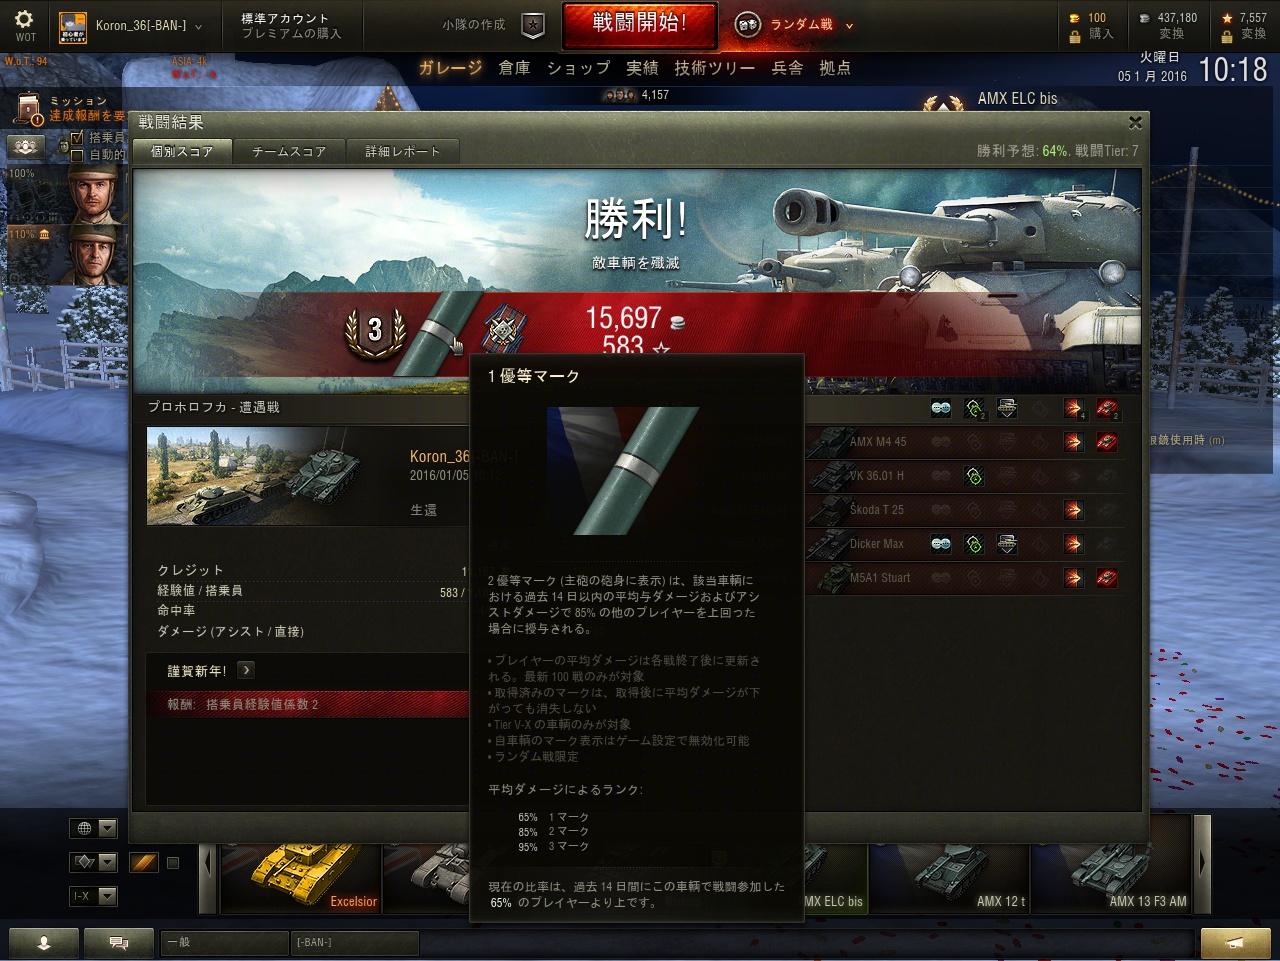 AMX ELC biz 1優等